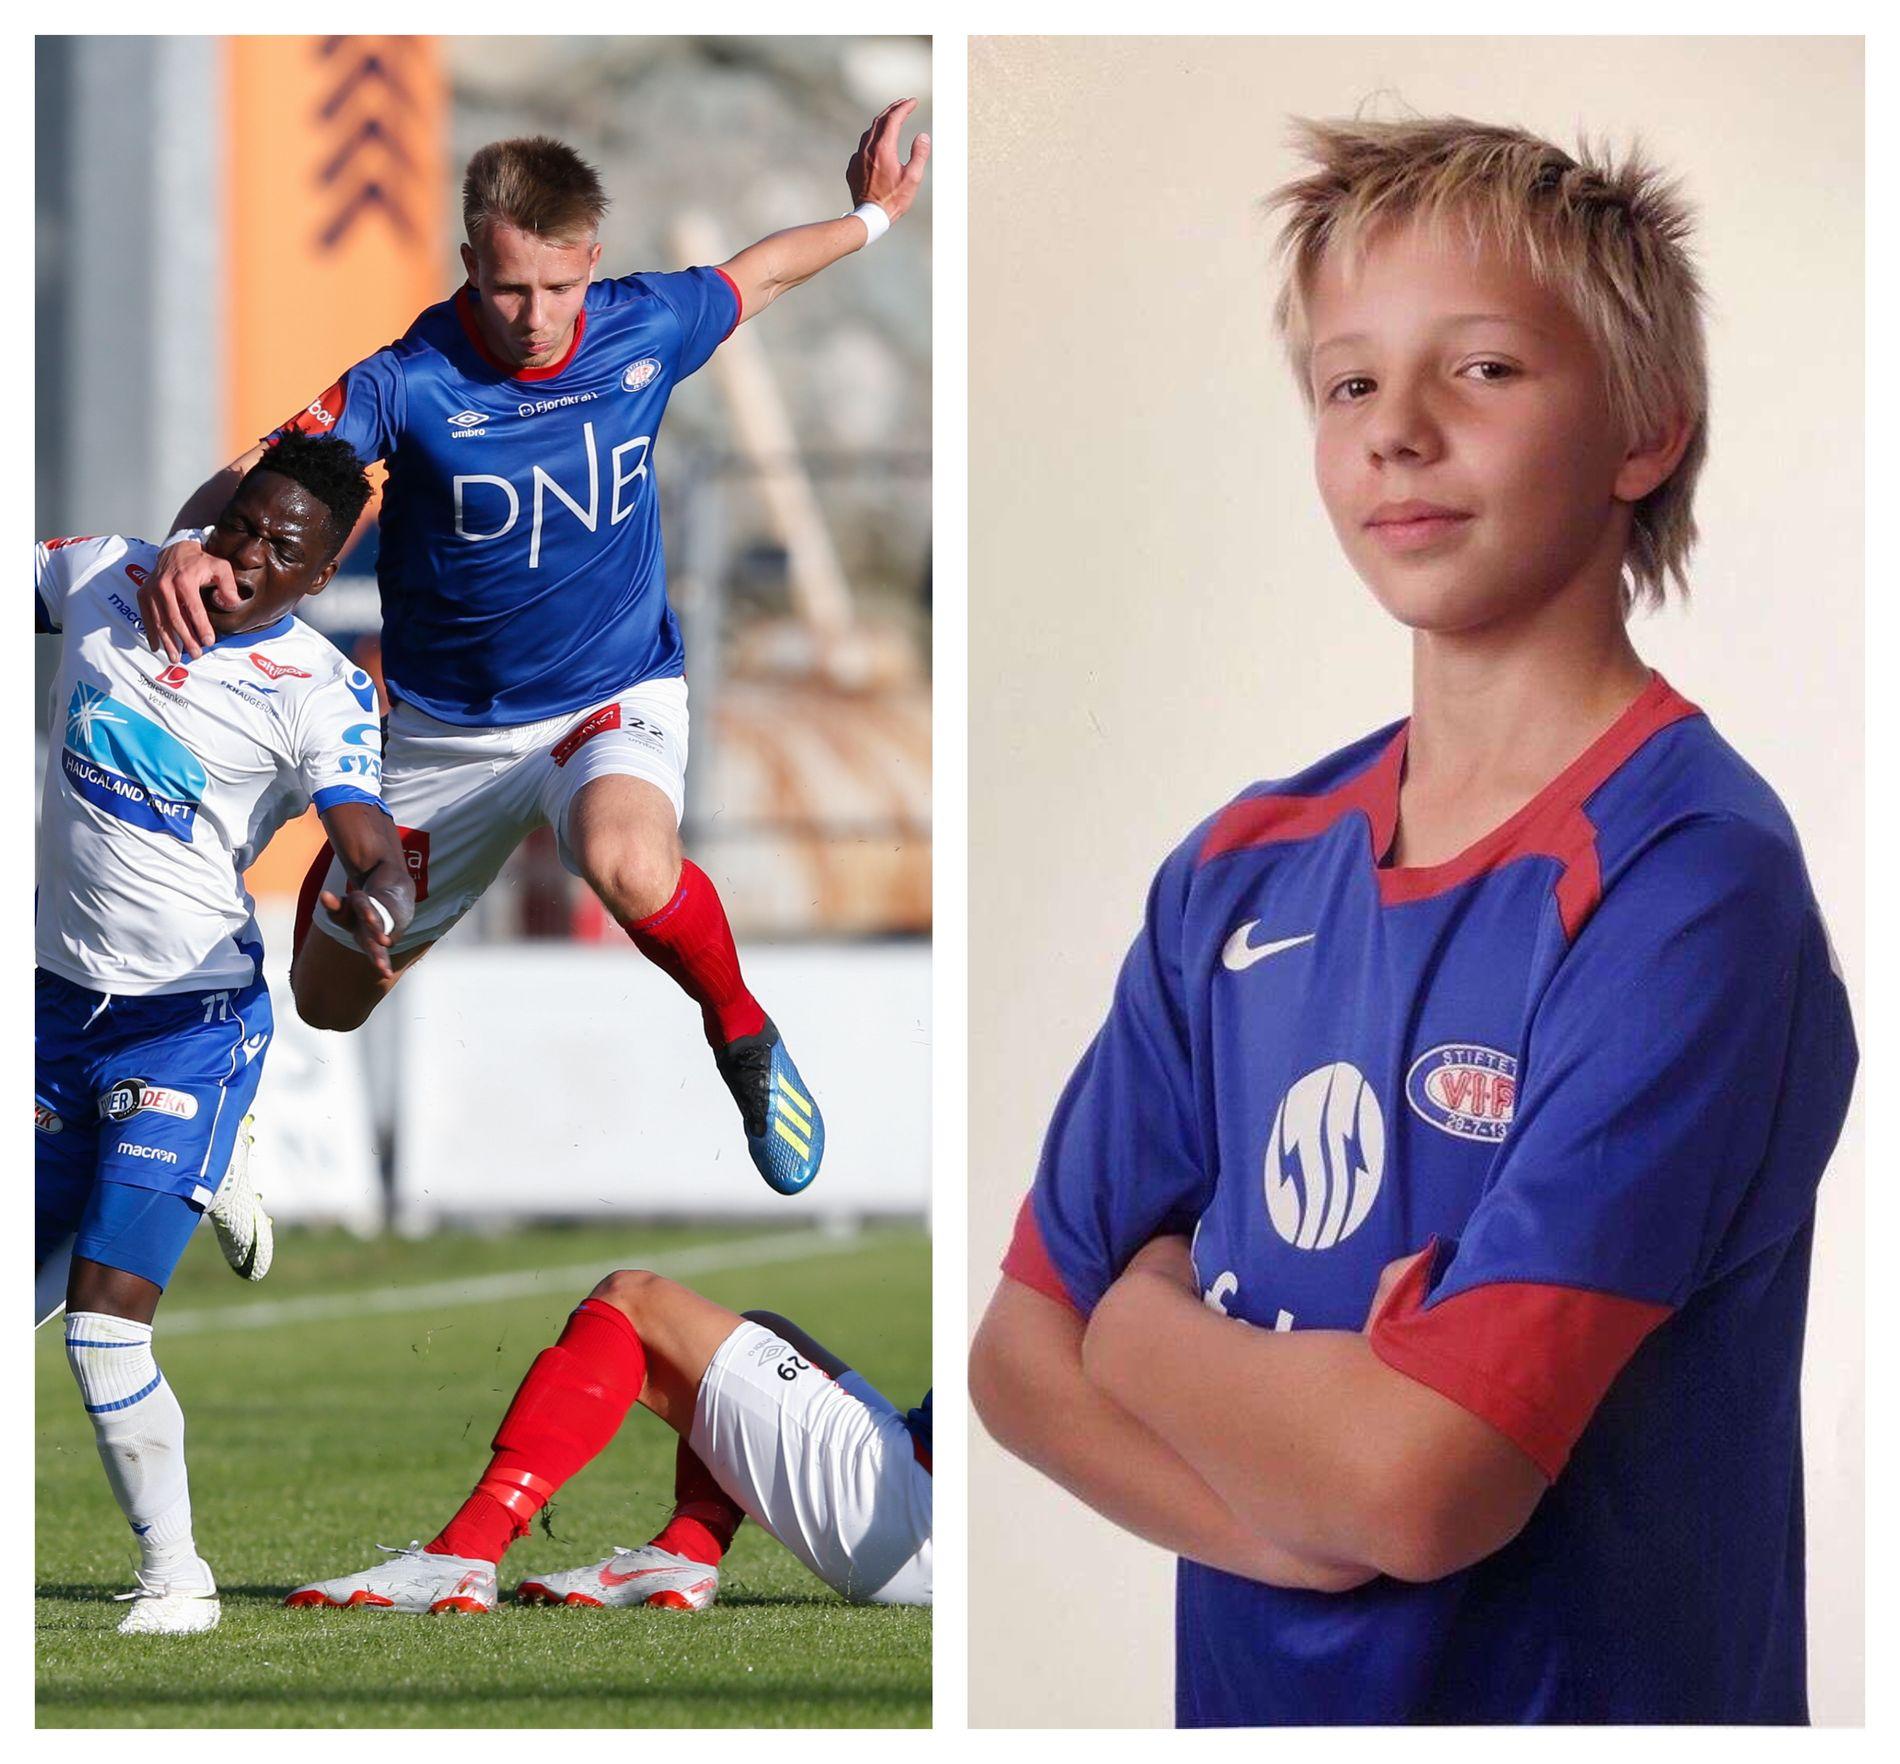 TILLIT: Til venstre gjør Näsberg alt han kan for å stoppe Akintola. Til høyre er han 11 år og drømmer om å spille for A-laget til Vålerenga.